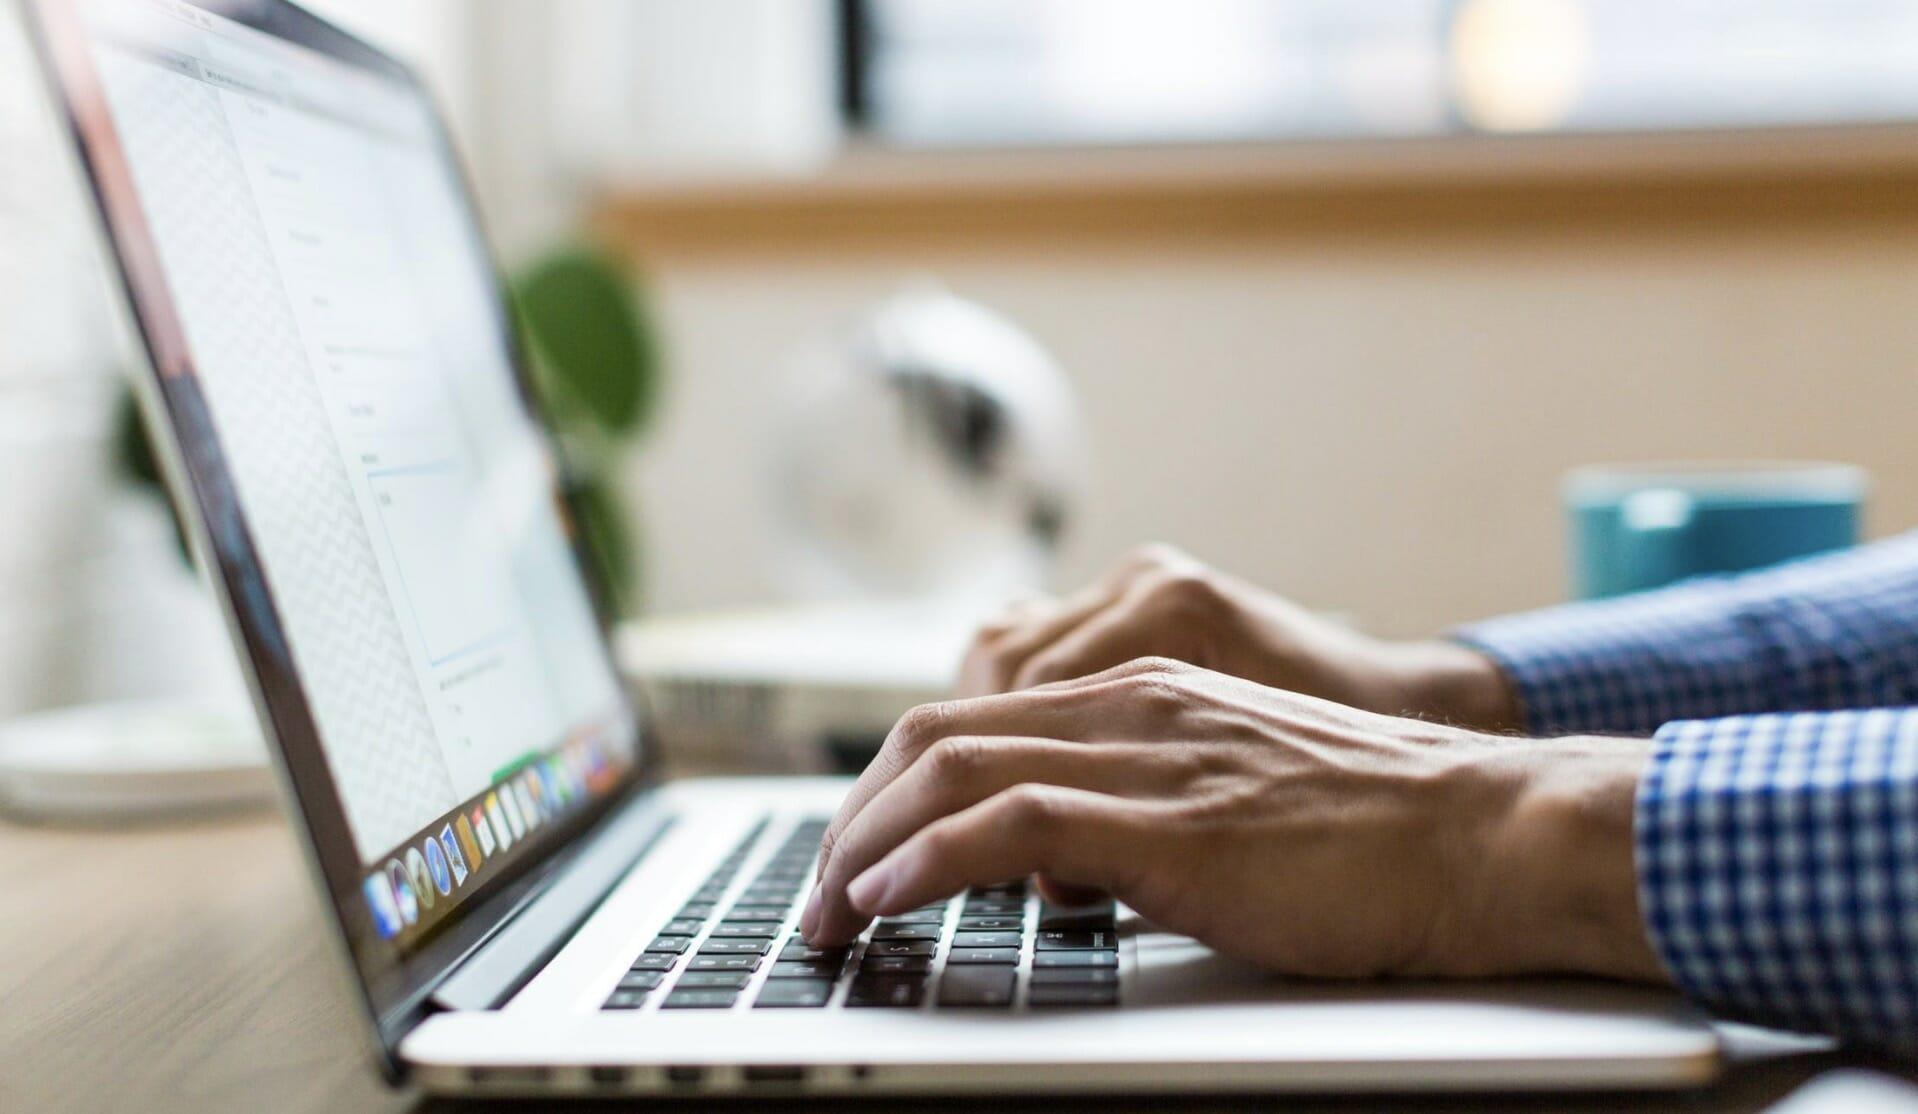 copywriting in laptop